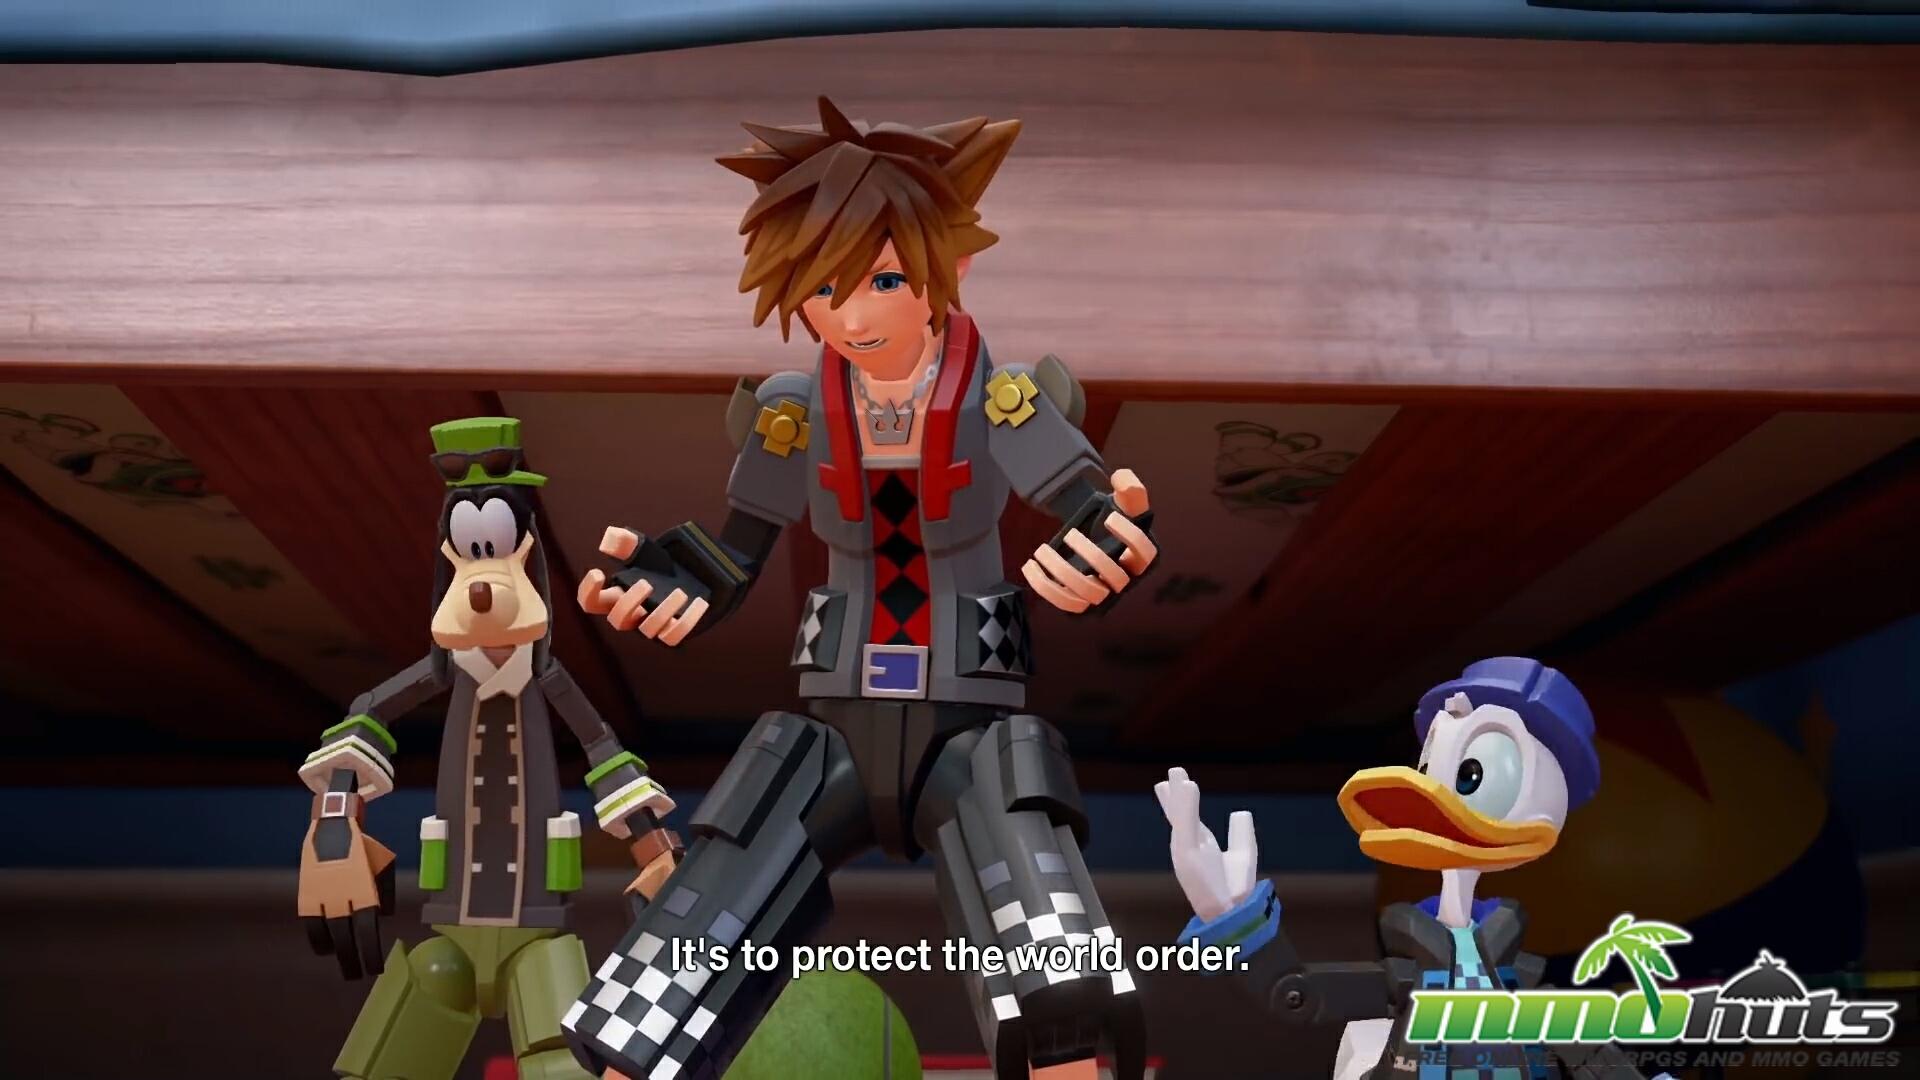 Kingdom Hearts III08